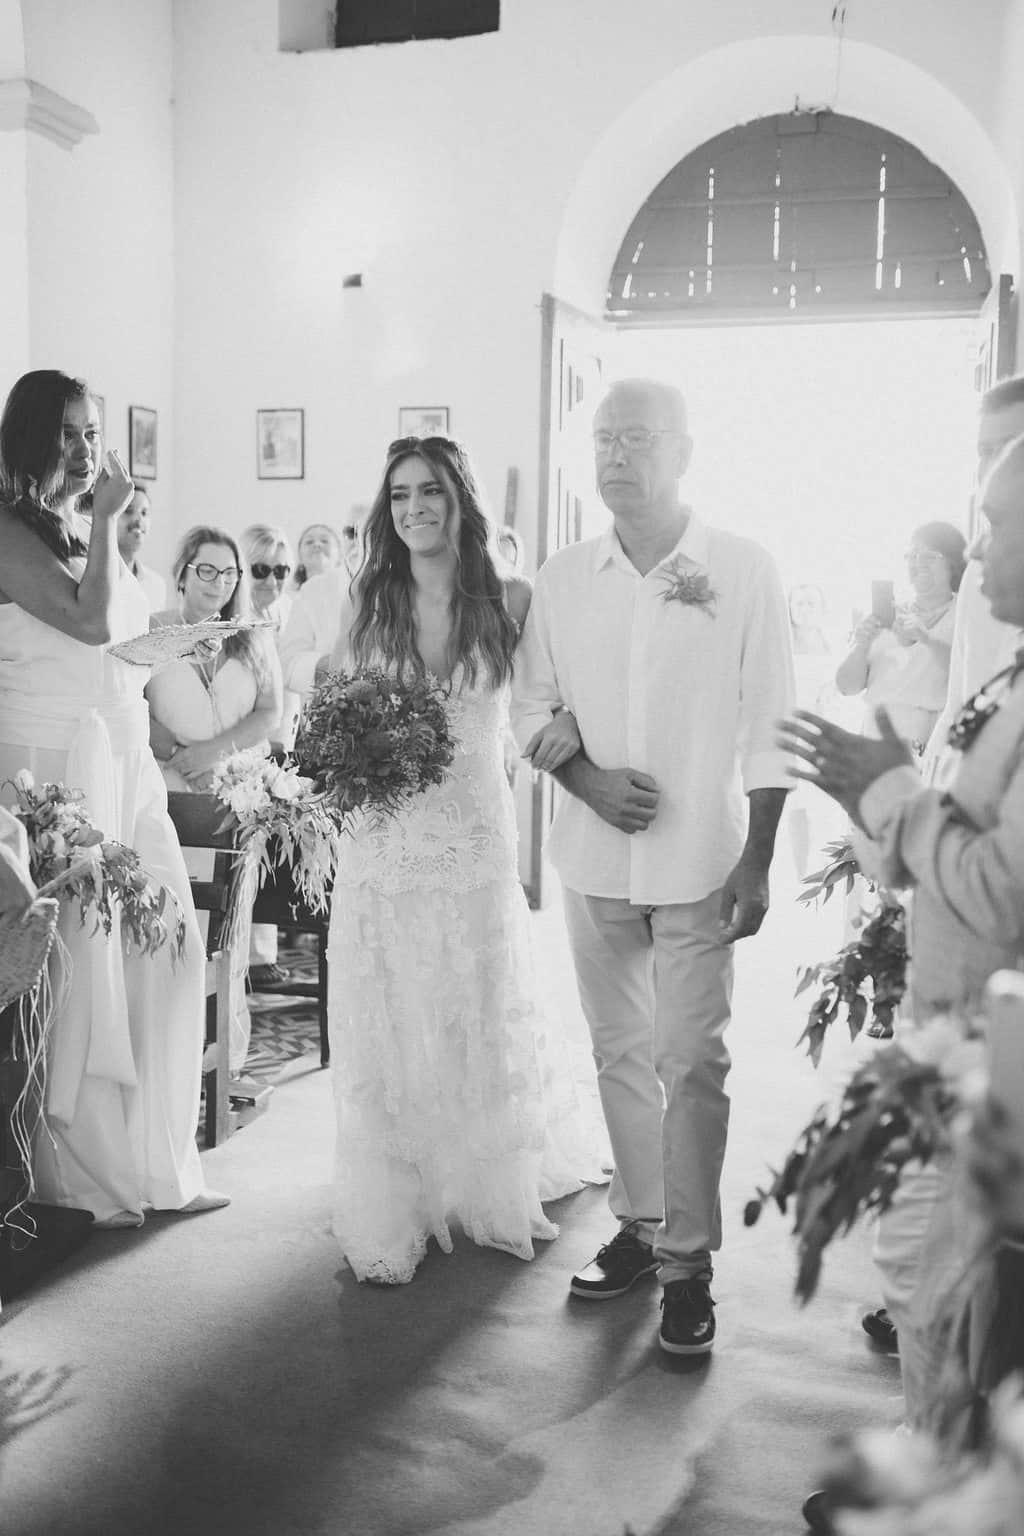 casamento-Danielle-e-Guilherme-aloha-fotografia-caseme-82